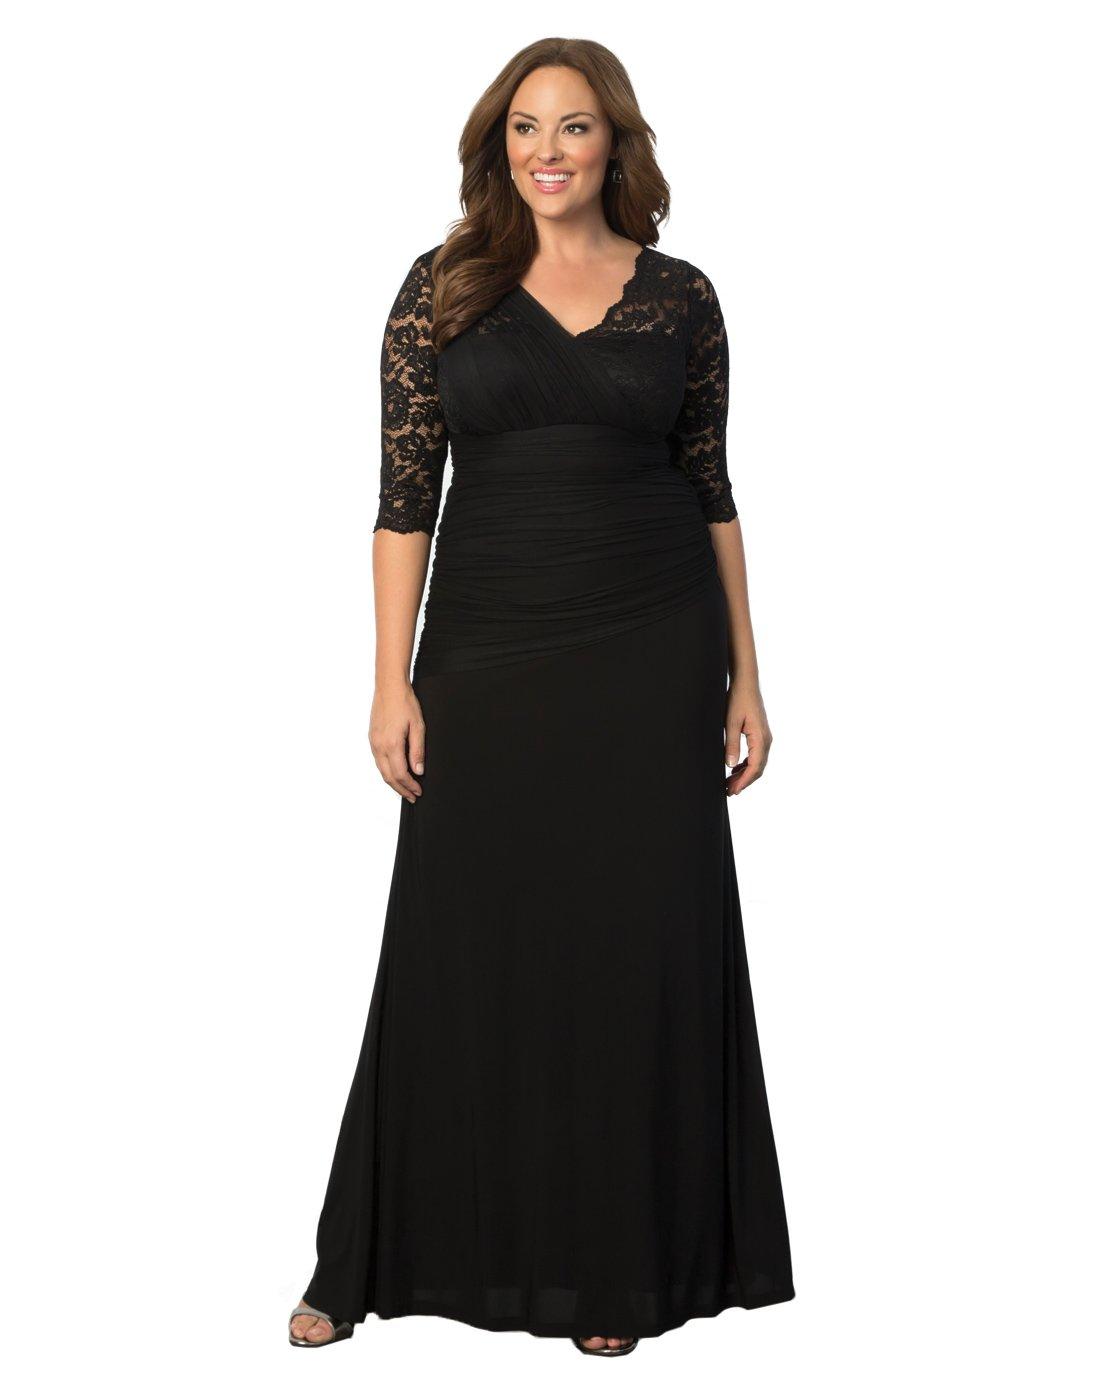 Kiyonna Women's Plus Size Soiree Evening Gown 2x Onyx